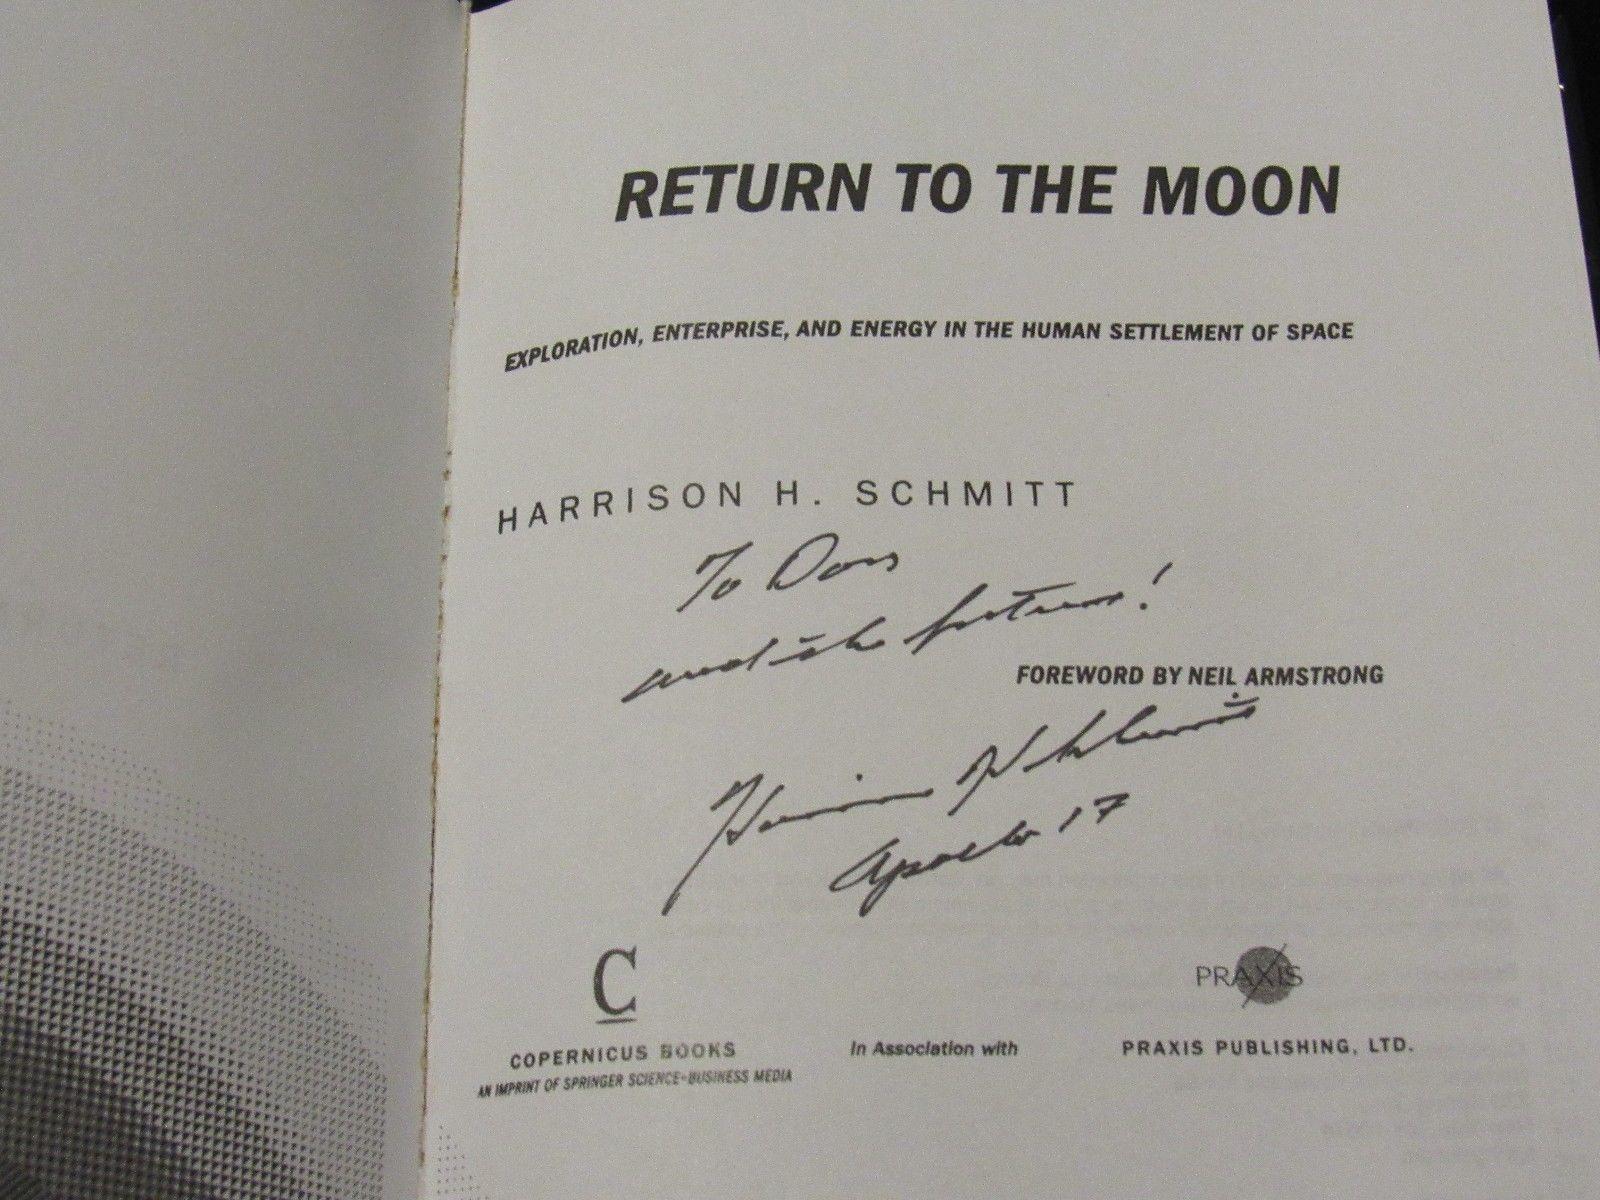 HARRISON SCHMITT APOLLO 17 ASTRONAUT SIGNED AUTO RETURN TO THE MOON BOOK JSA image 3